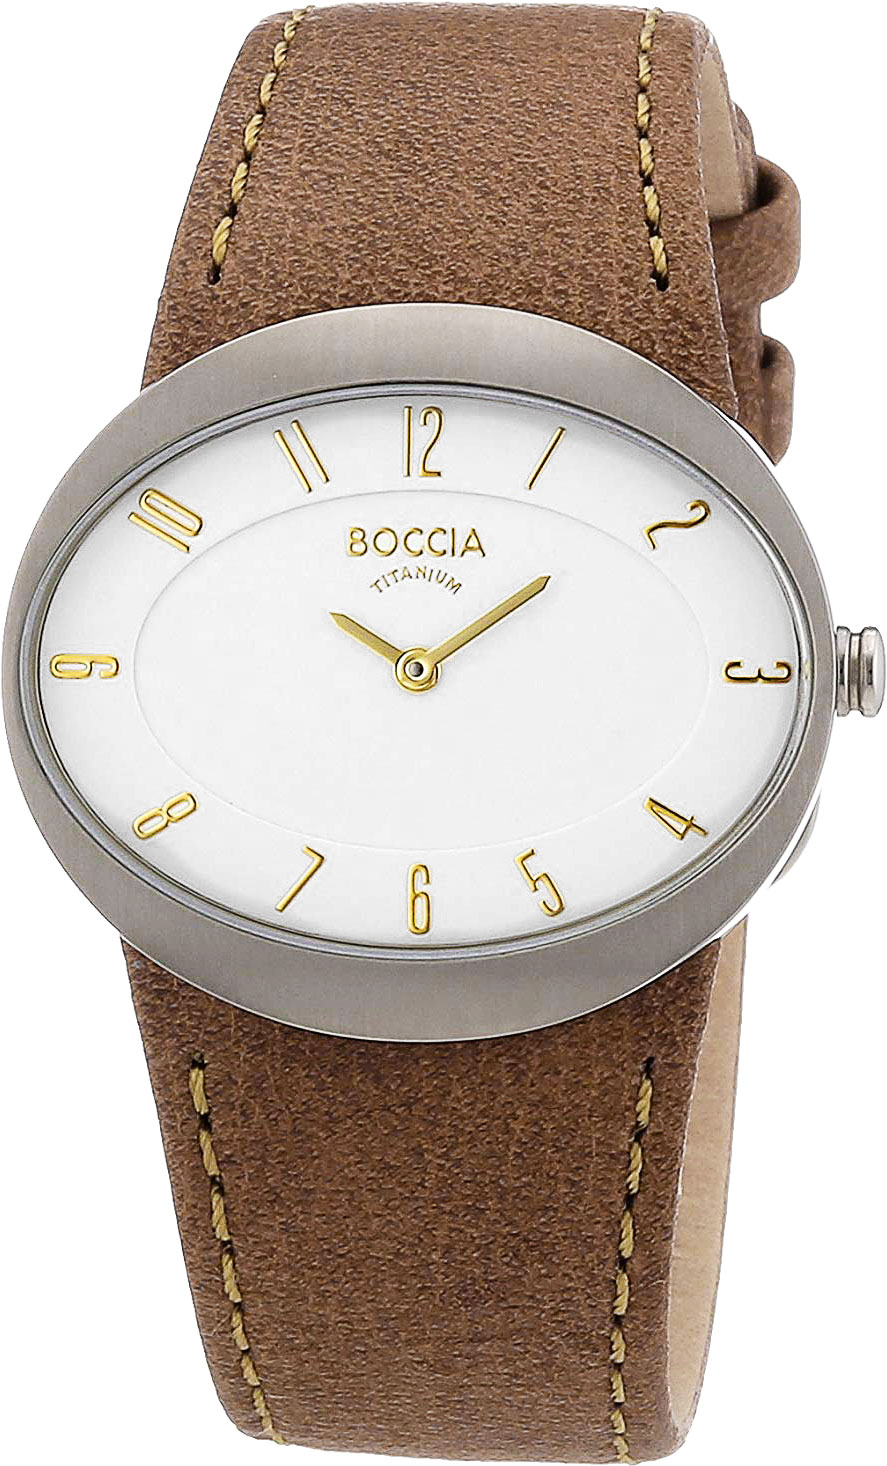 Женские часы Boccia Titanium 3165-01 женские часы boccia titanium 3208 01 page 5